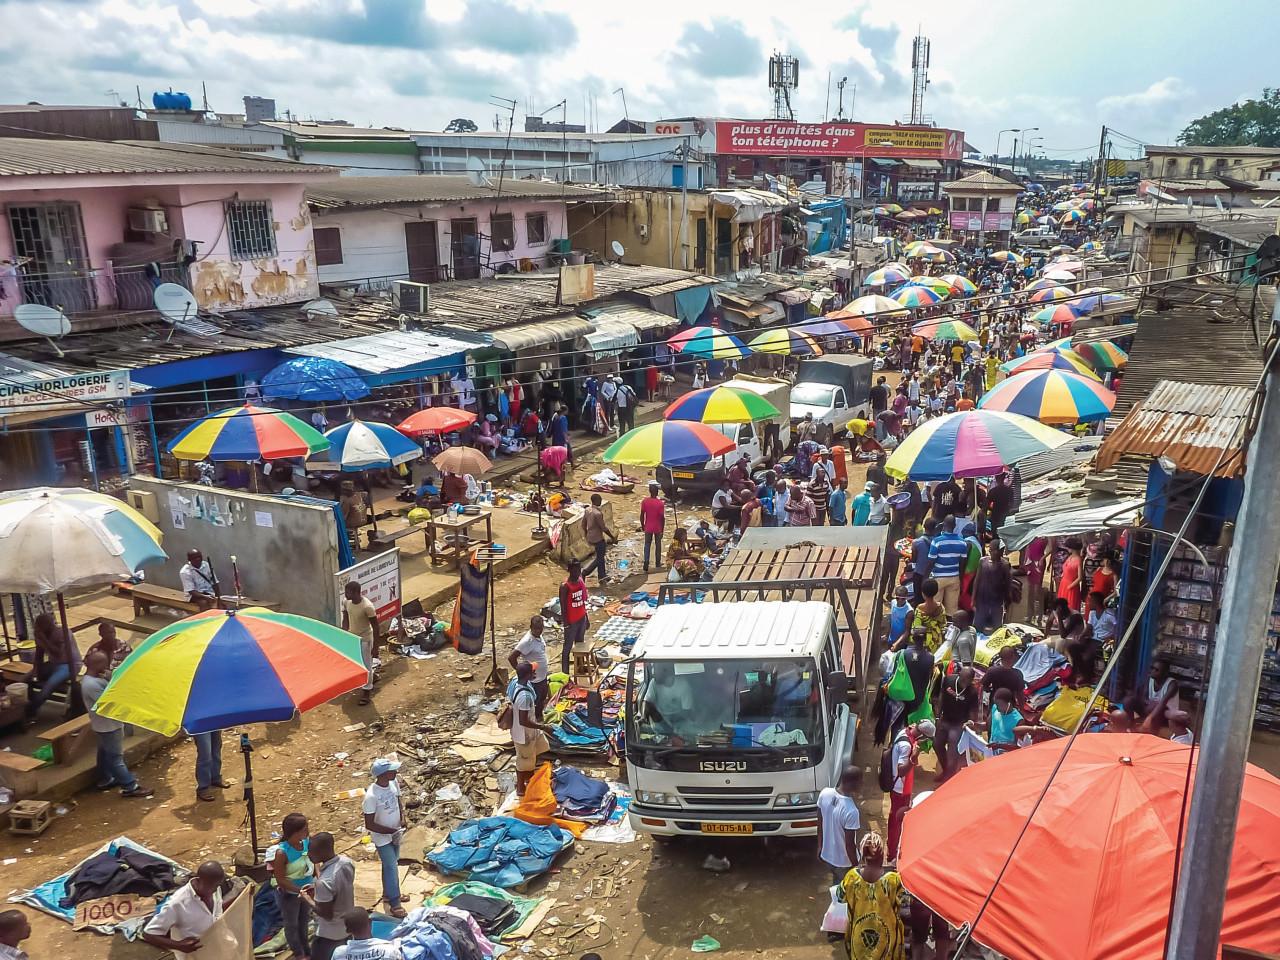 Jour de marché, Nairobi. (© cribea))